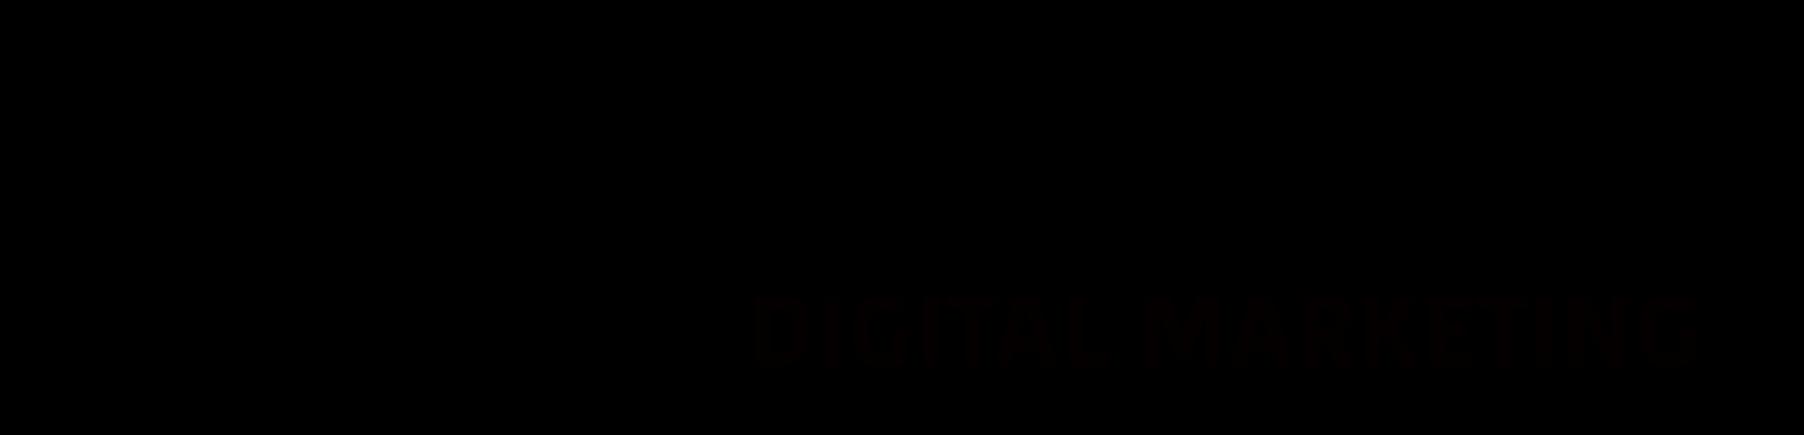 Gorilla Digital